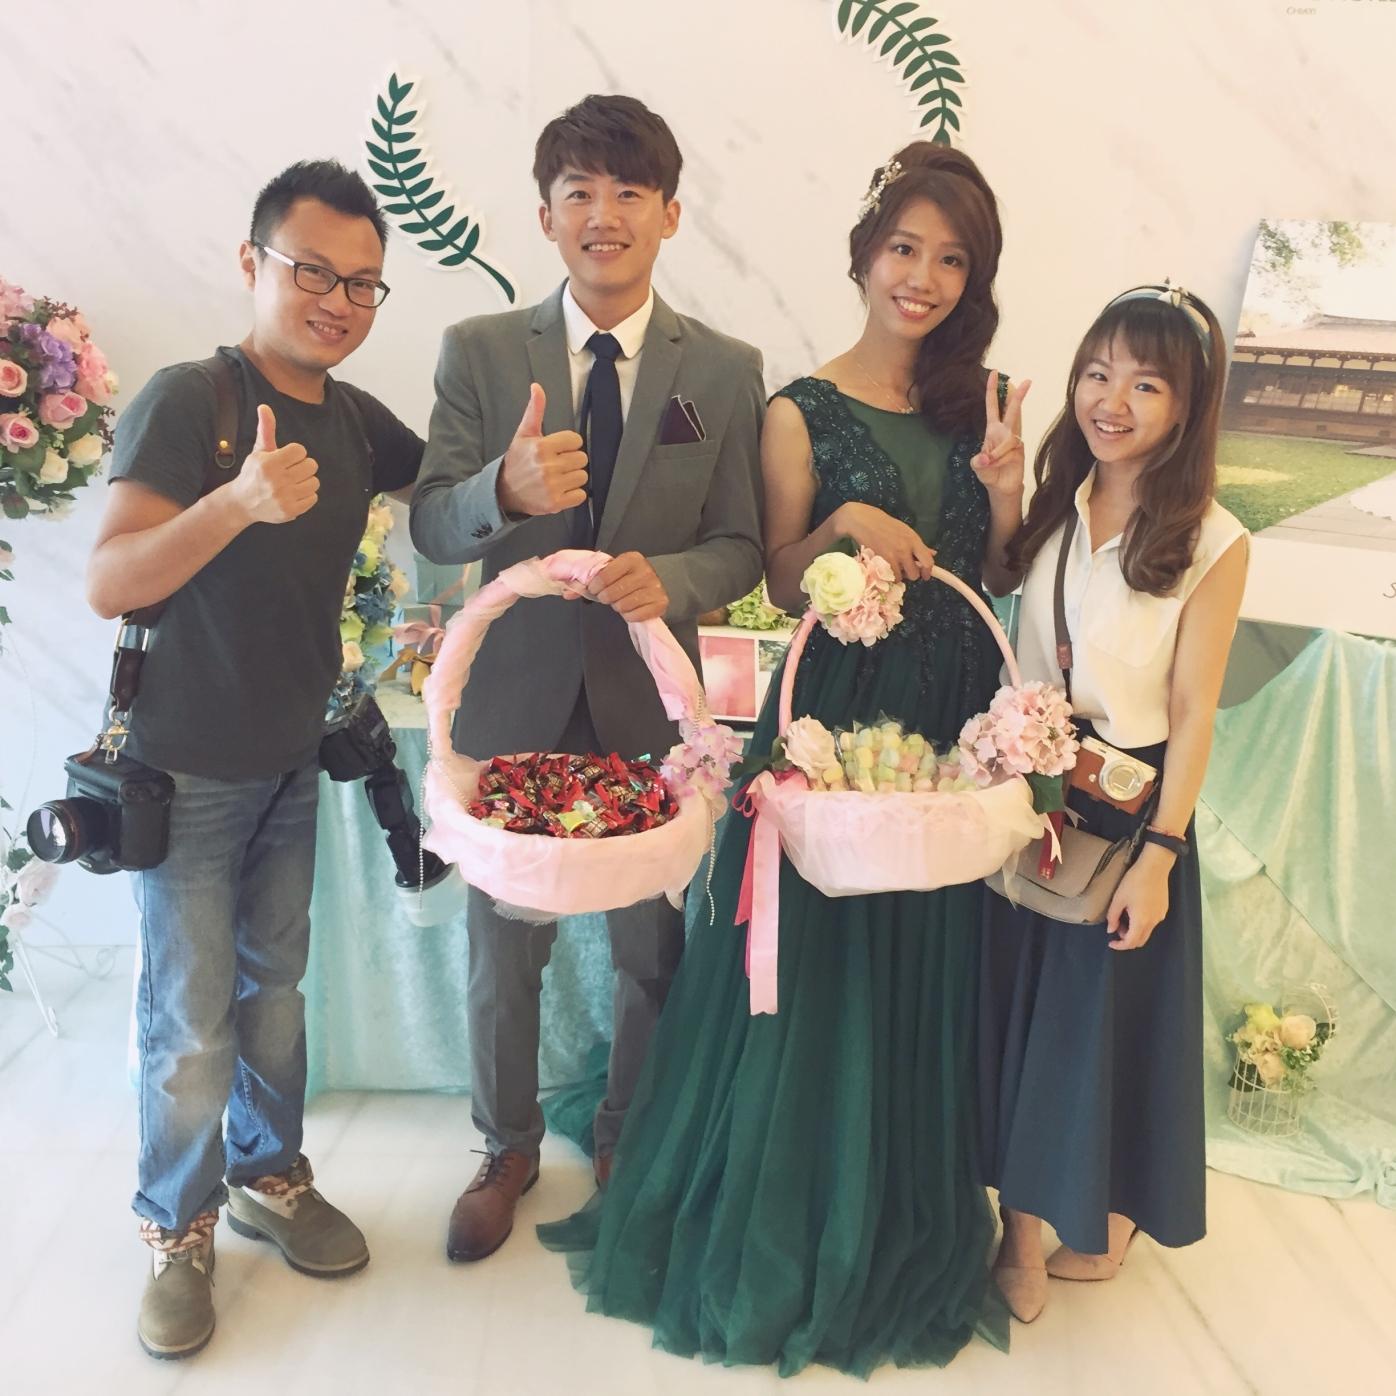 嘉義新秘推薦 新娘秘書雨晴SunnyYu 愛依賴婚禮攝影 鈺通飯店 